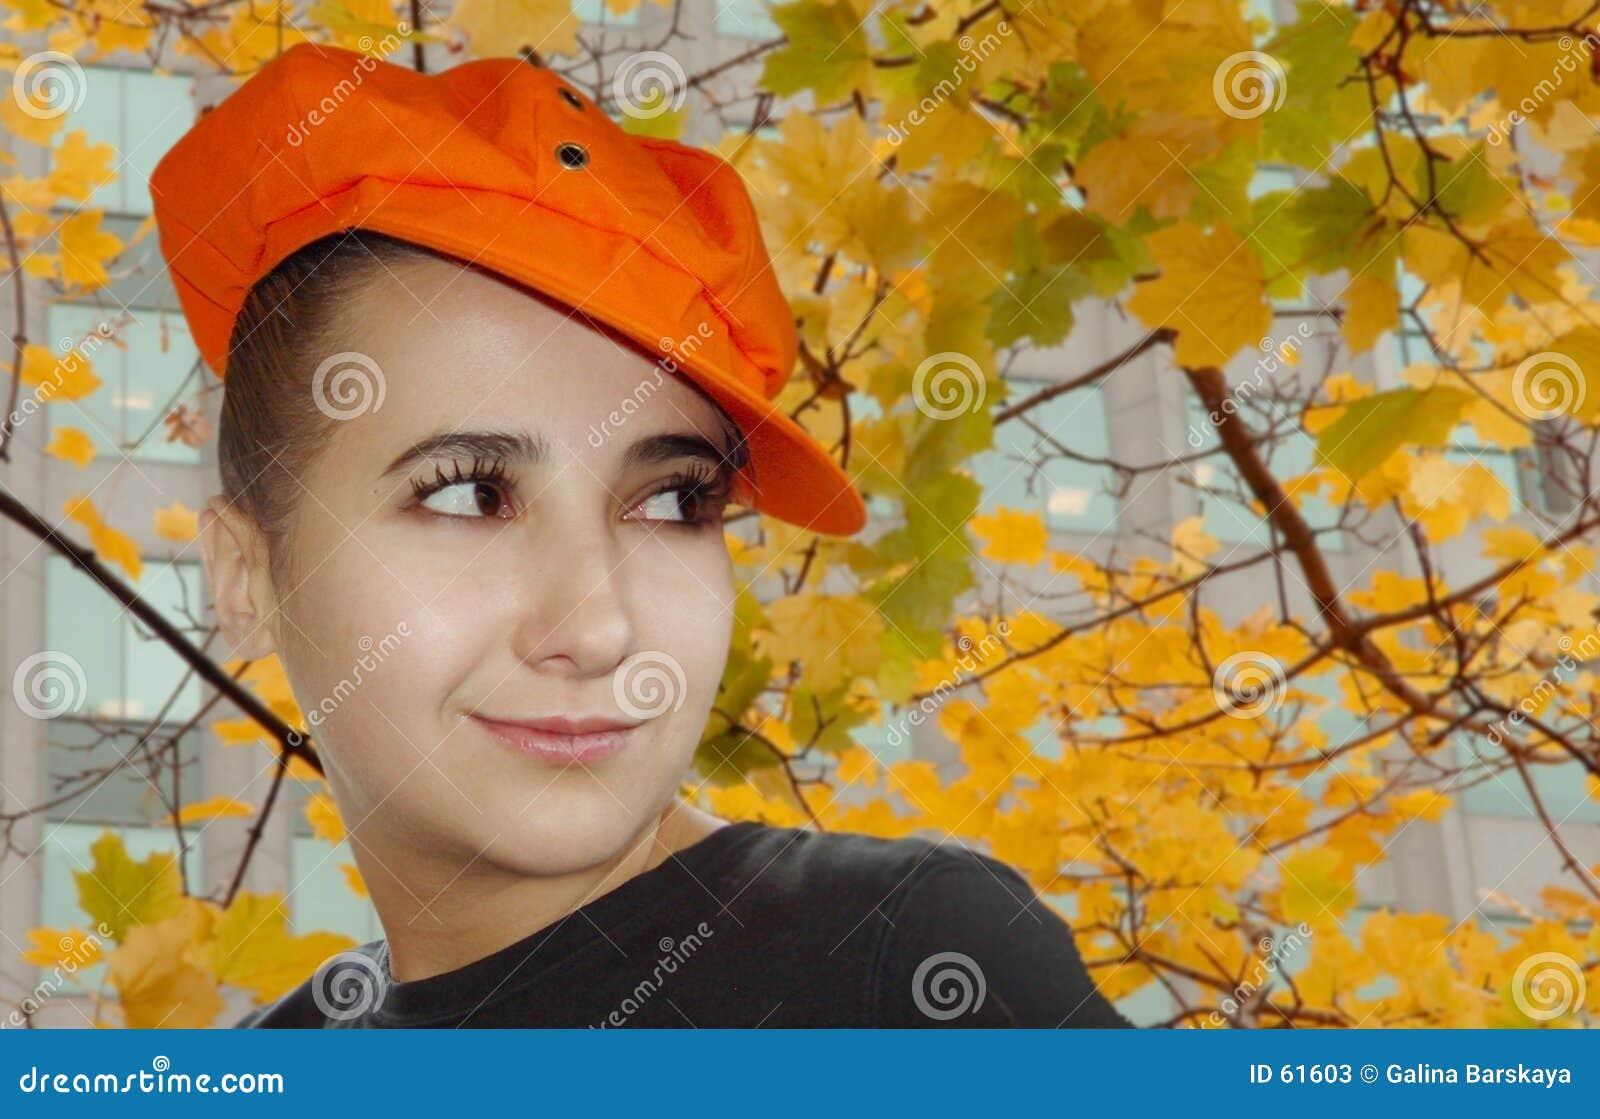 Portret jesieni